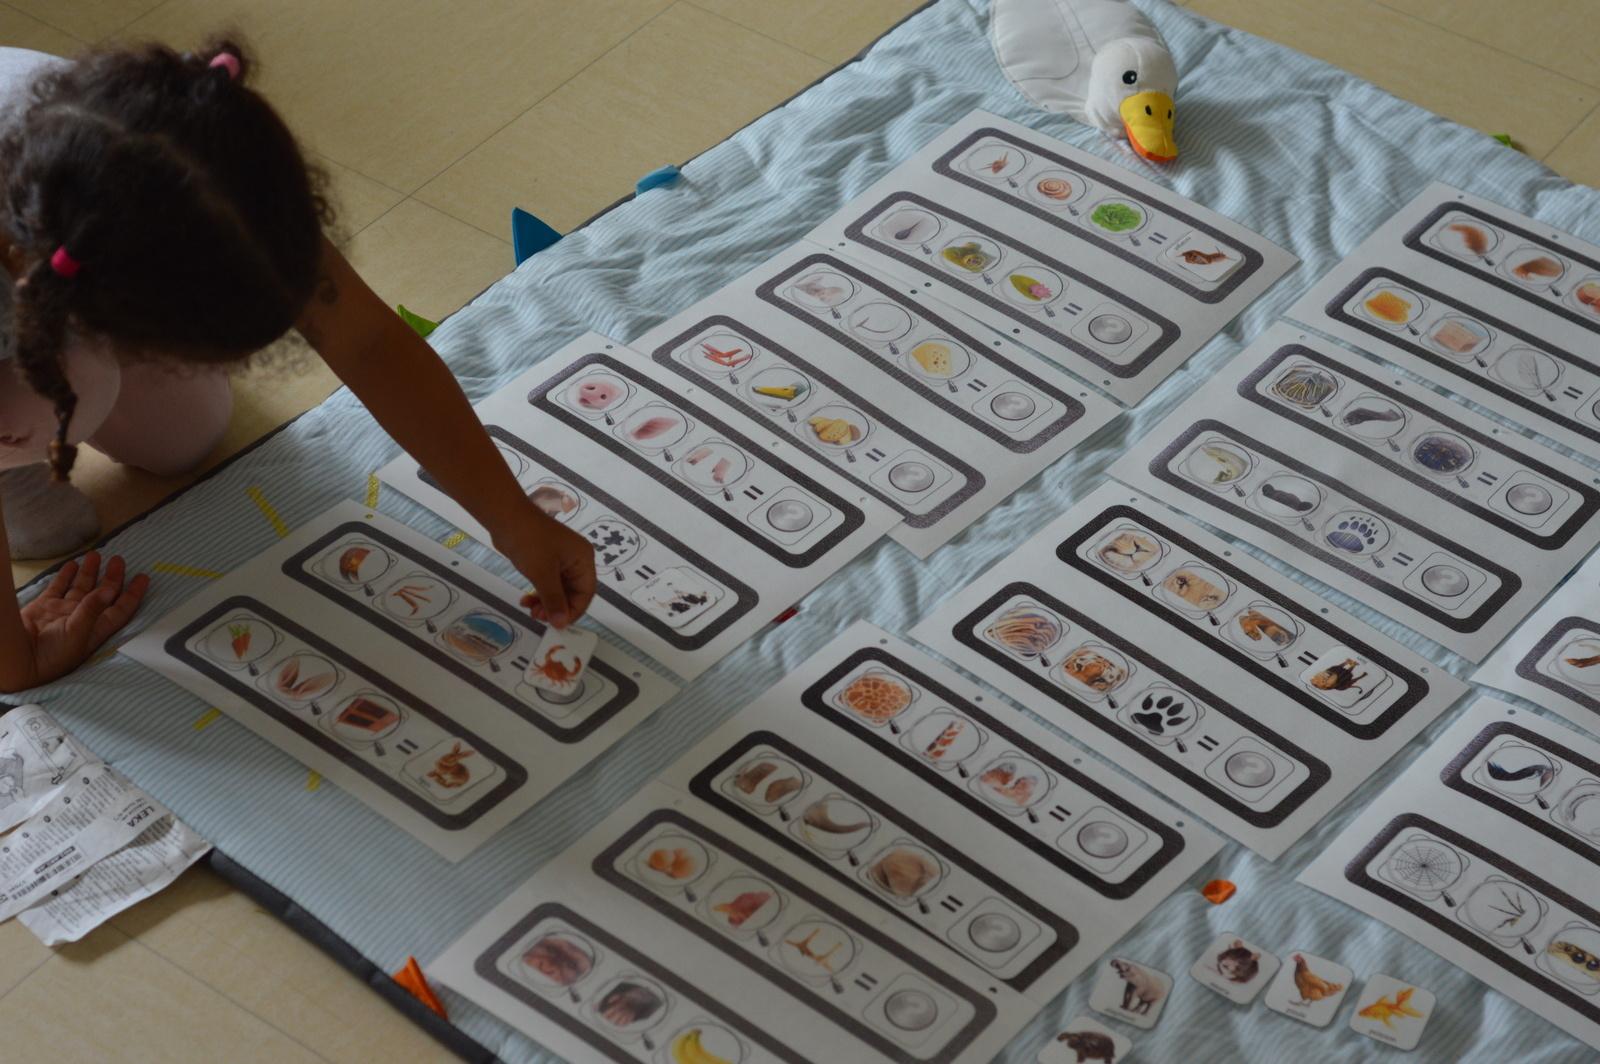 Jeux De Logique À Imprimer - Qui Suis-Je ? - Enfant Bébé Loisir à Jeux Educatif Maternelle Moyenne Section